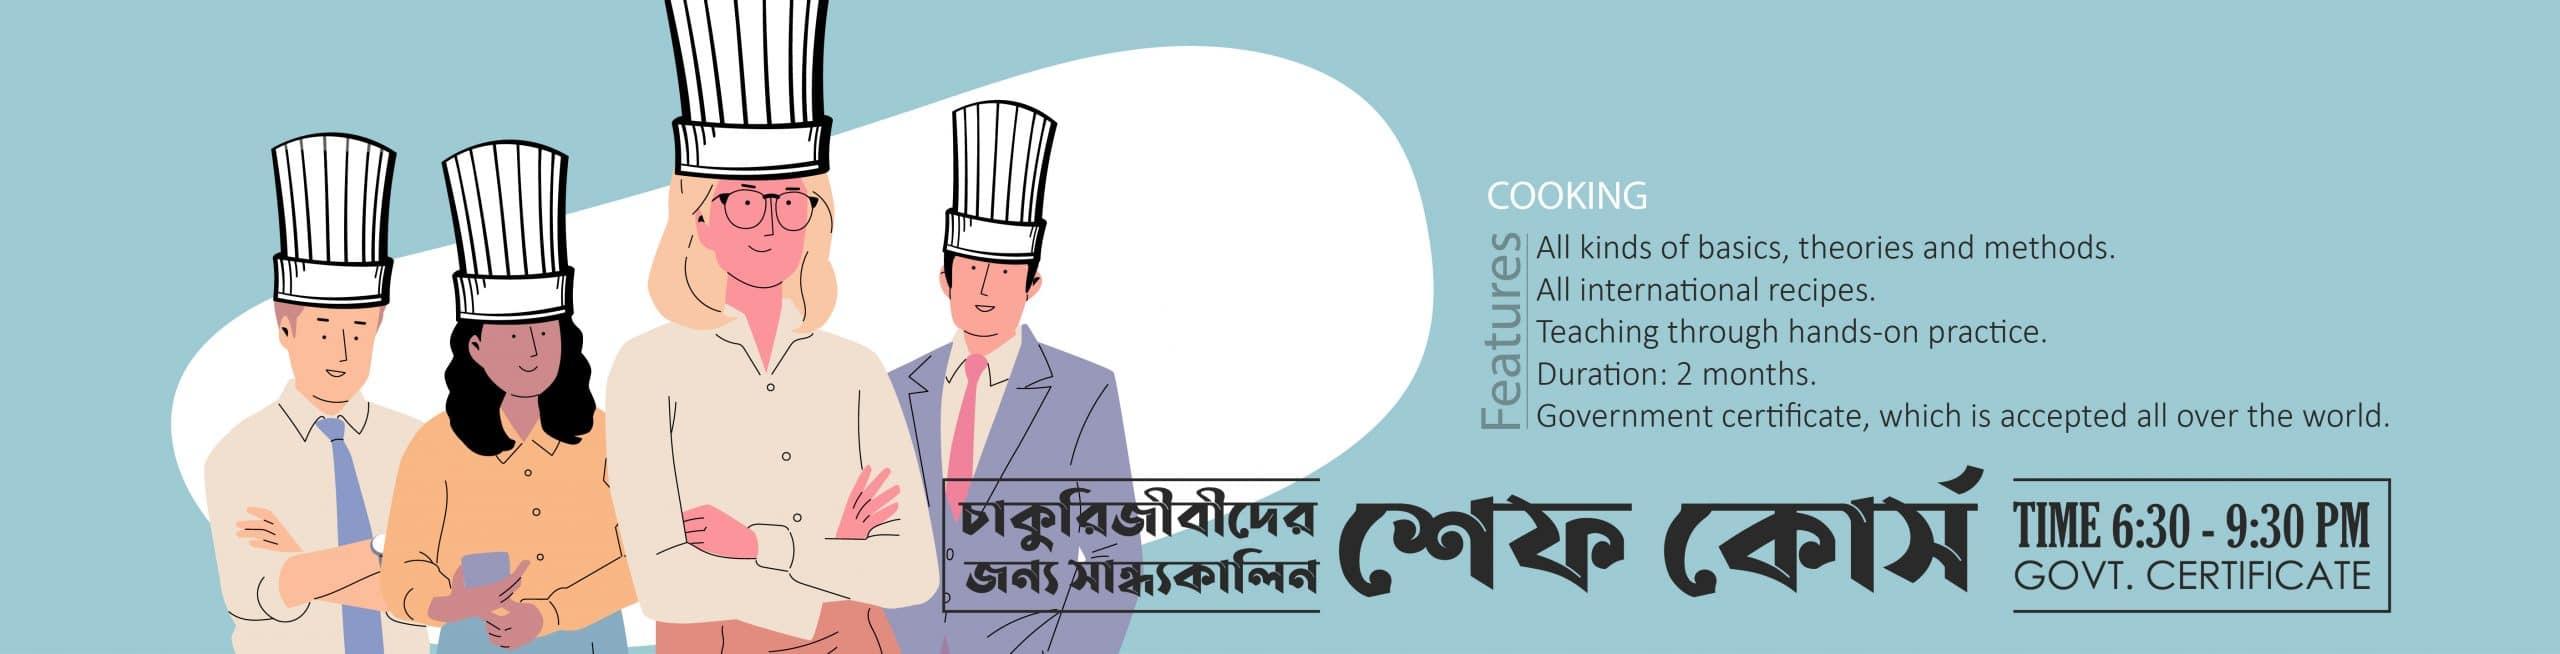 Cutting chef-itica